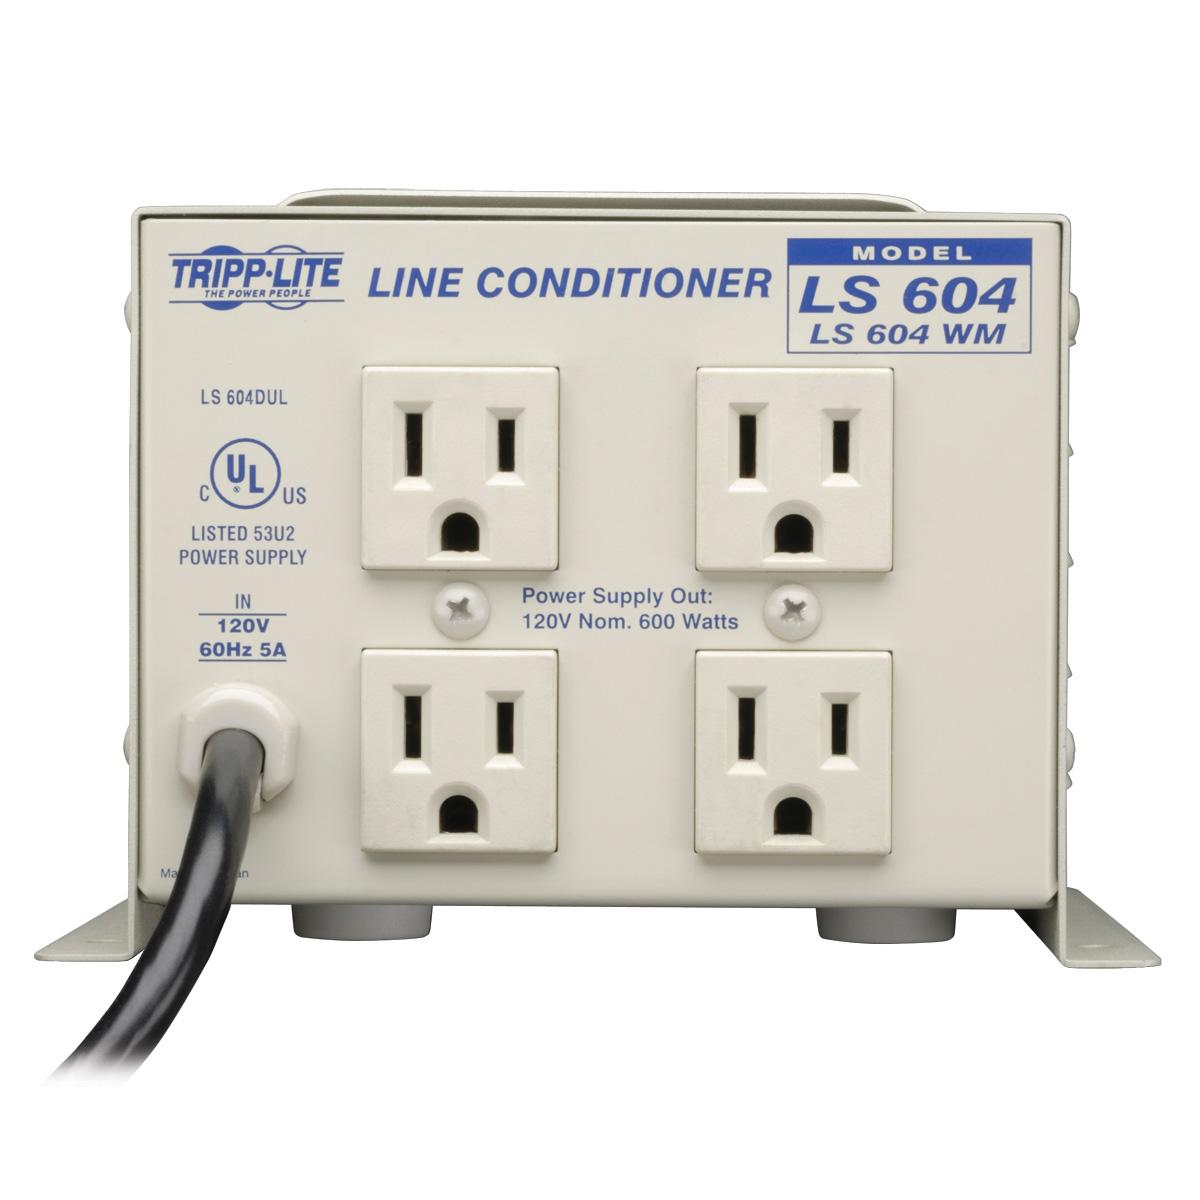 Tripp Lite Ls604wm Line Conditioner 600w Wall Mount Avr